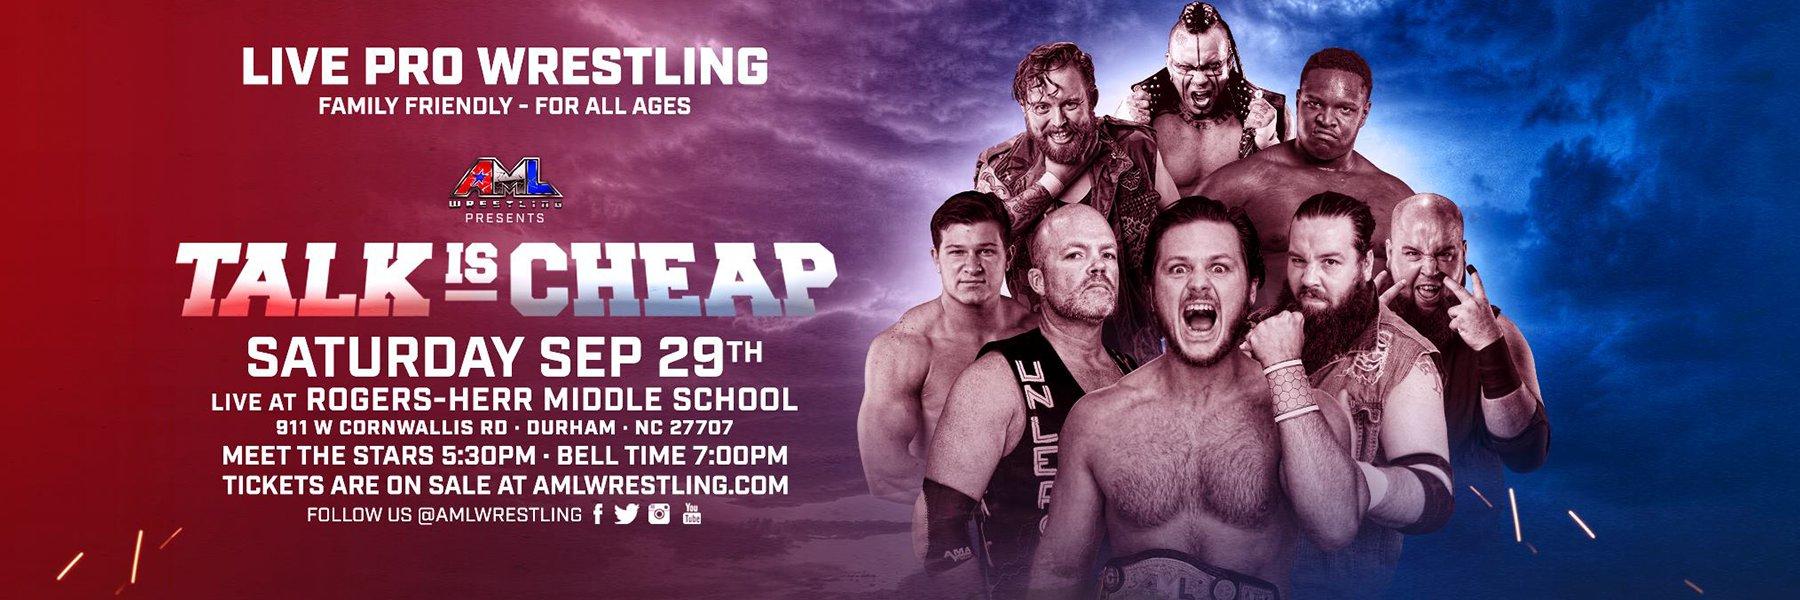 AML Wrestling: Talk is Cheap, Shannon Moore vs Caleb Konley - Street Fight!